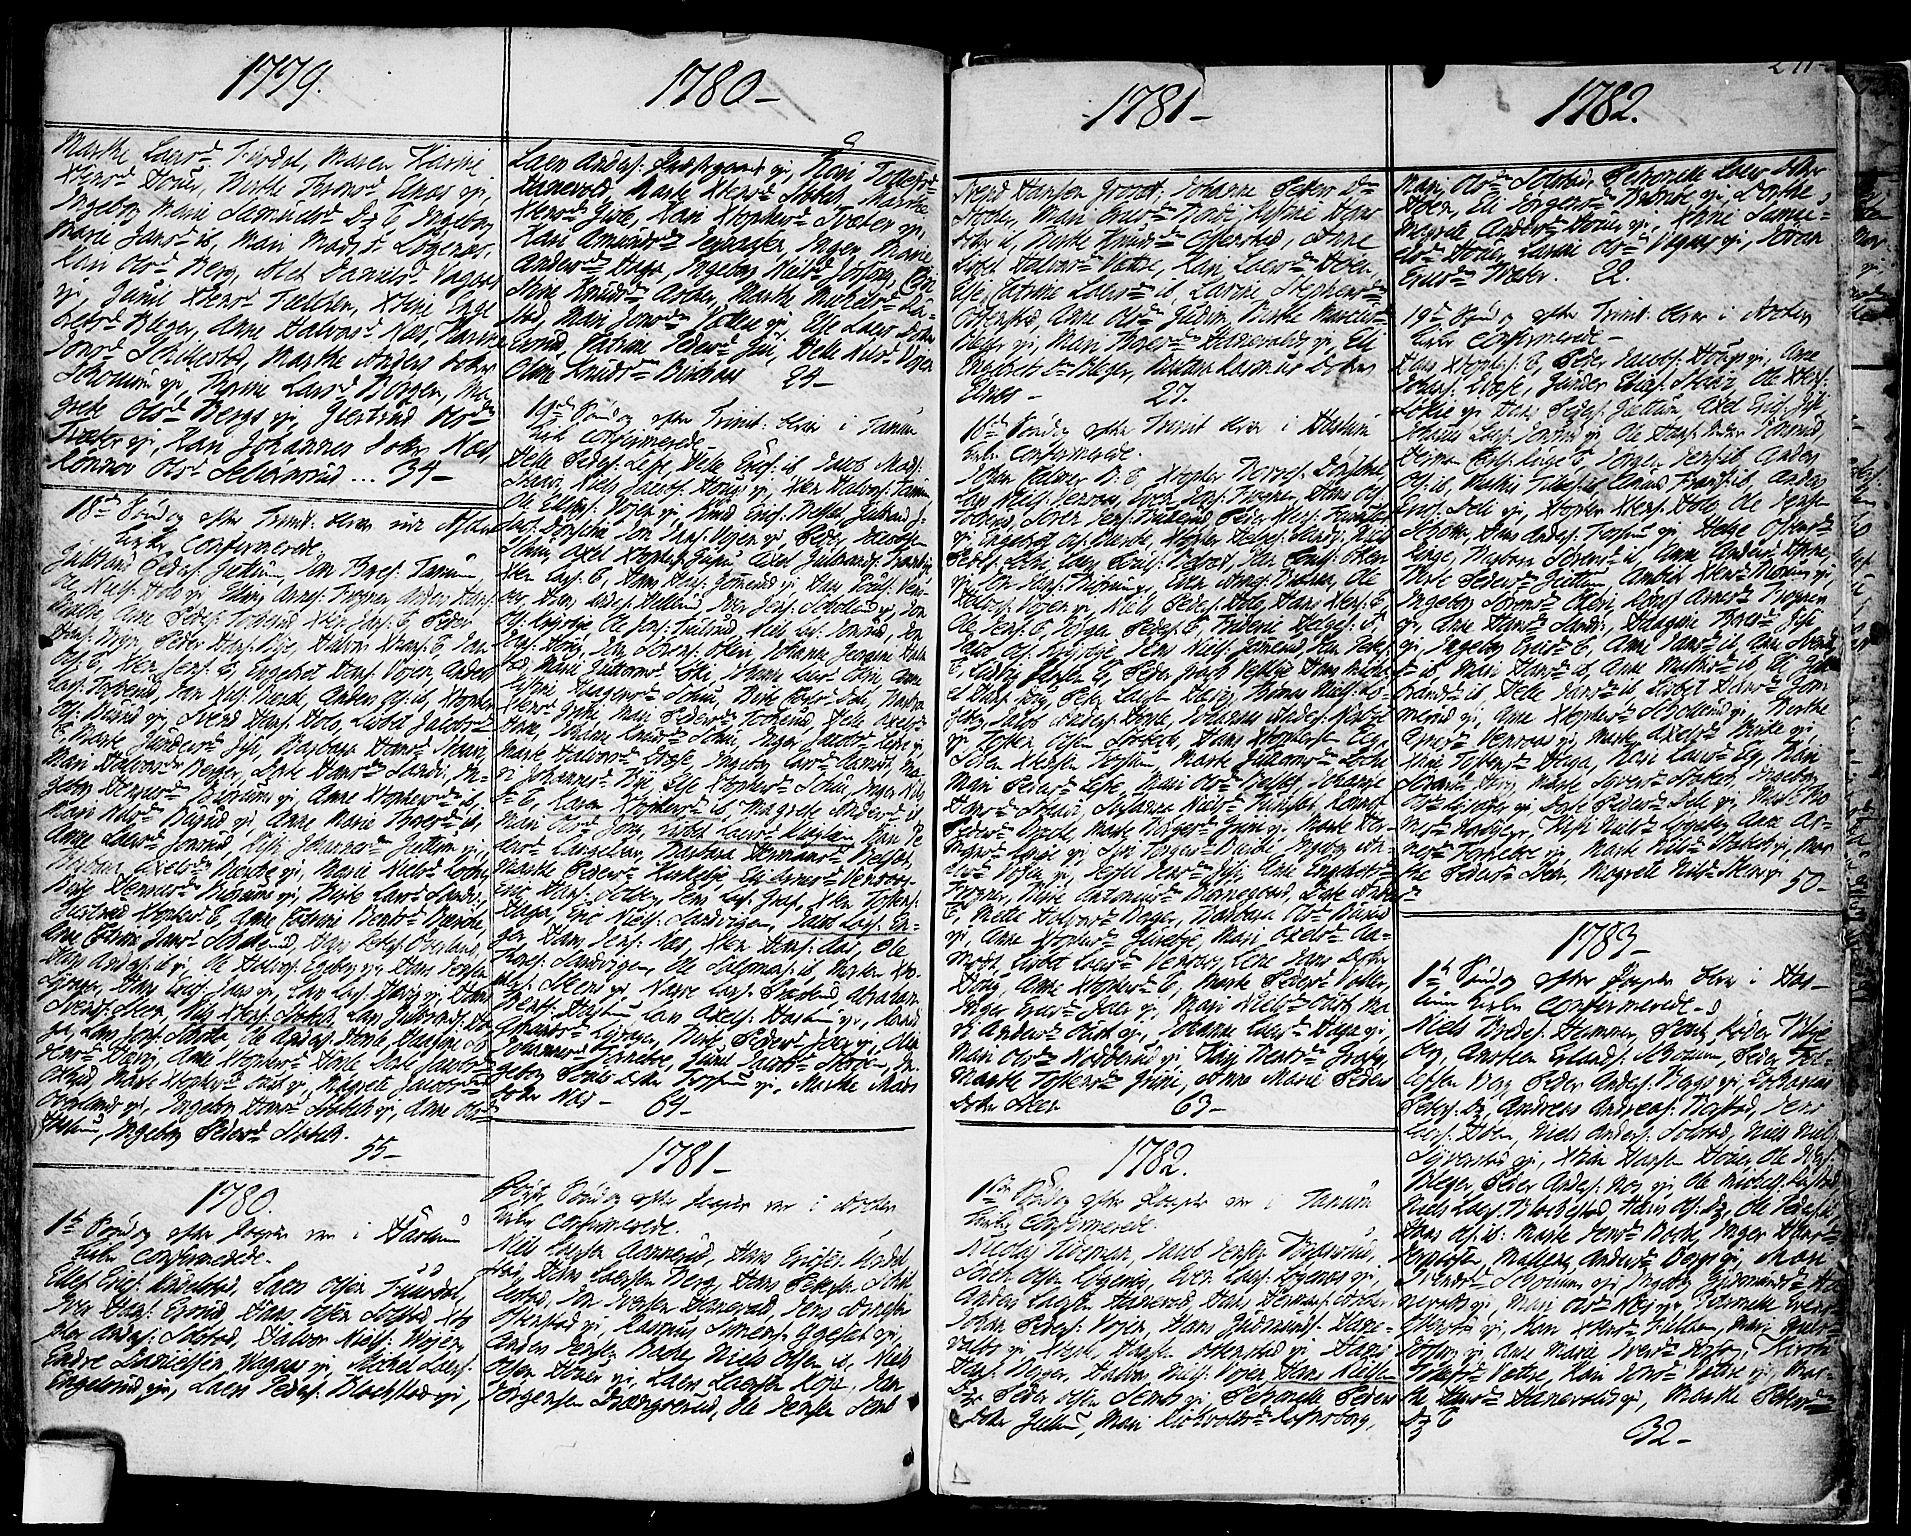 SAO, Asker prestekontor Kirkebøker, F/Fa/L0003: Ministerialbok nr. I 3, 1767-1807, s. 271